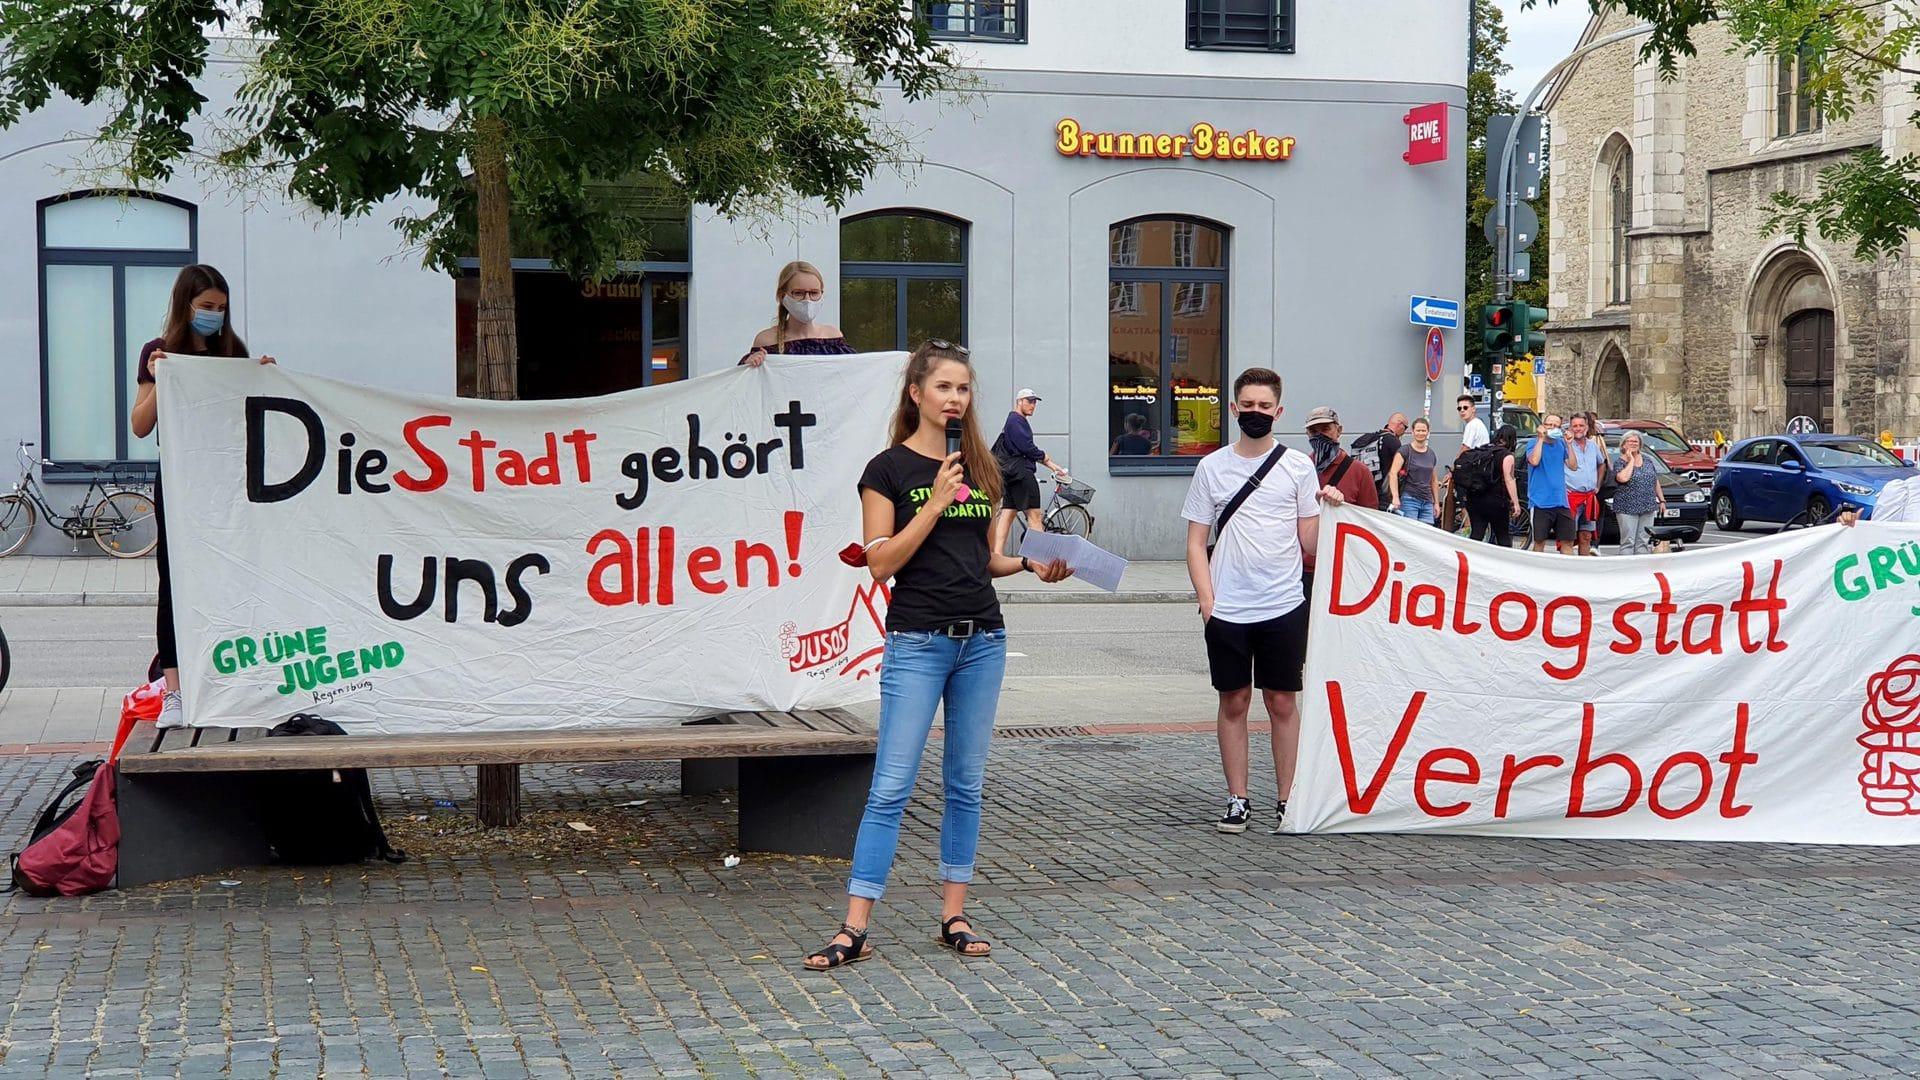 Betretungsverbot ist beschlossen Trotz Demo: Aus für Partynächte auf beliebten Regensburger Grünflächen